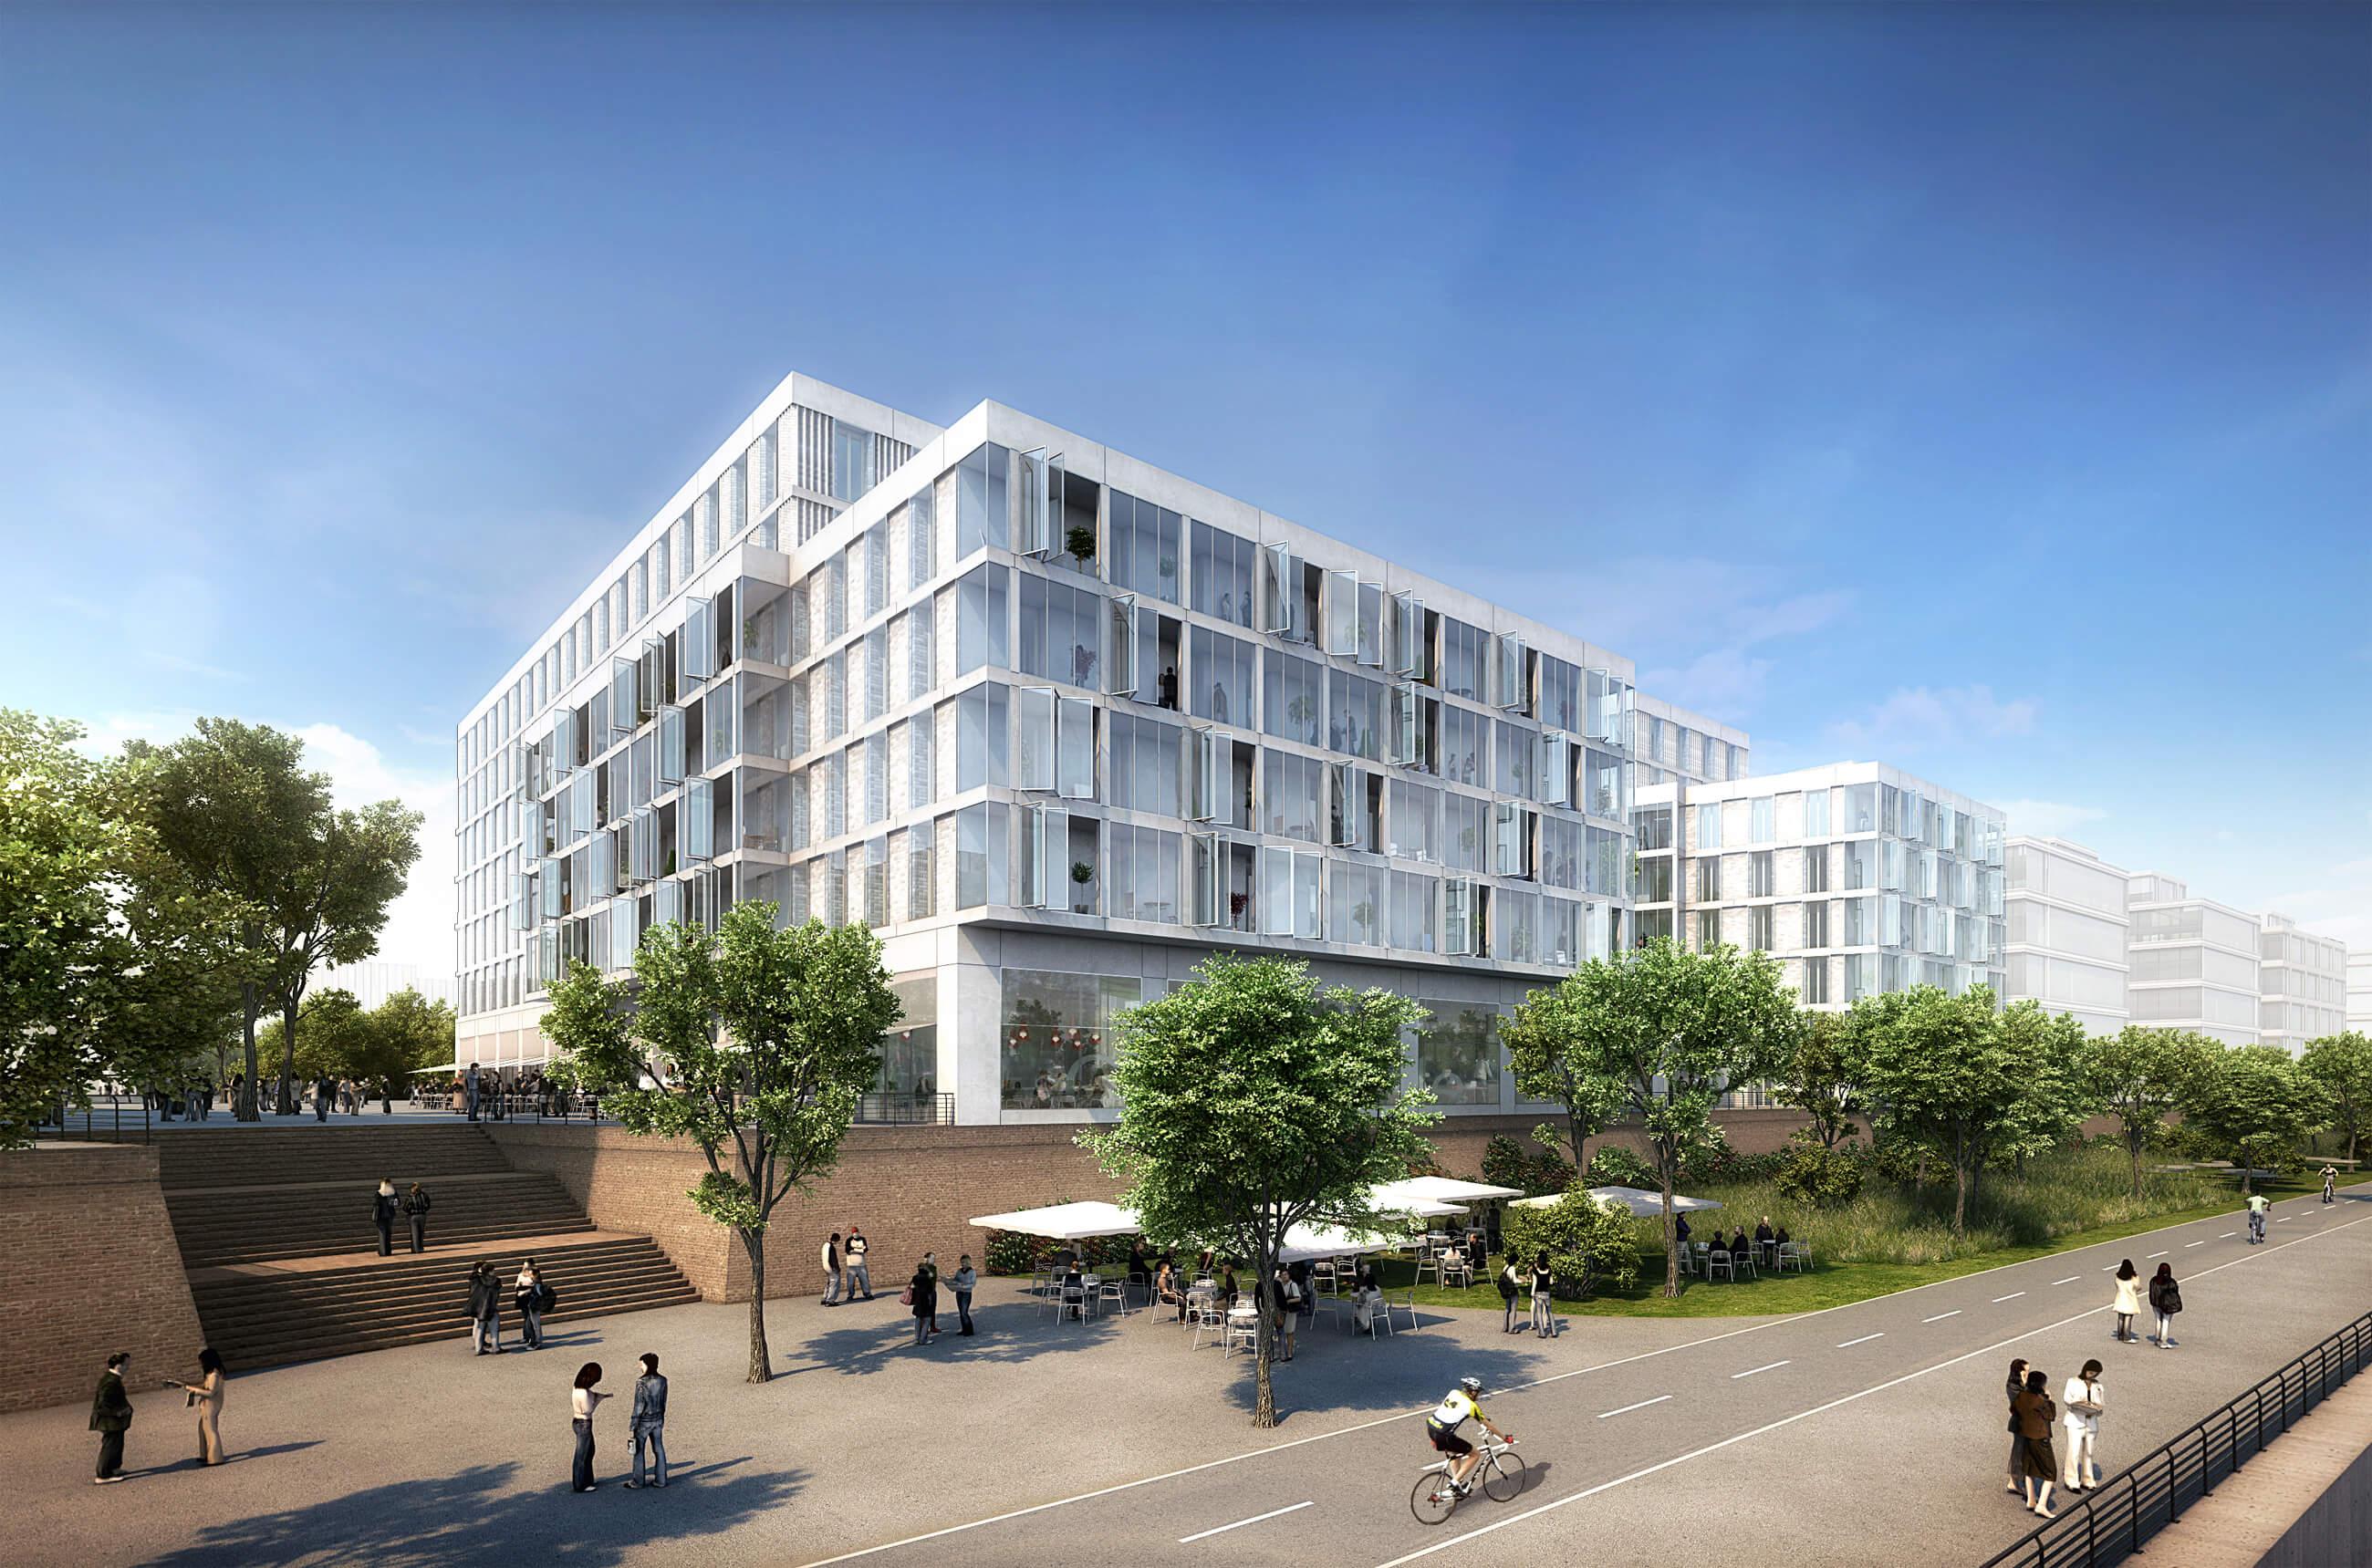 Quartier der Generationen am Baakenhafen, HafenCity Hamburg